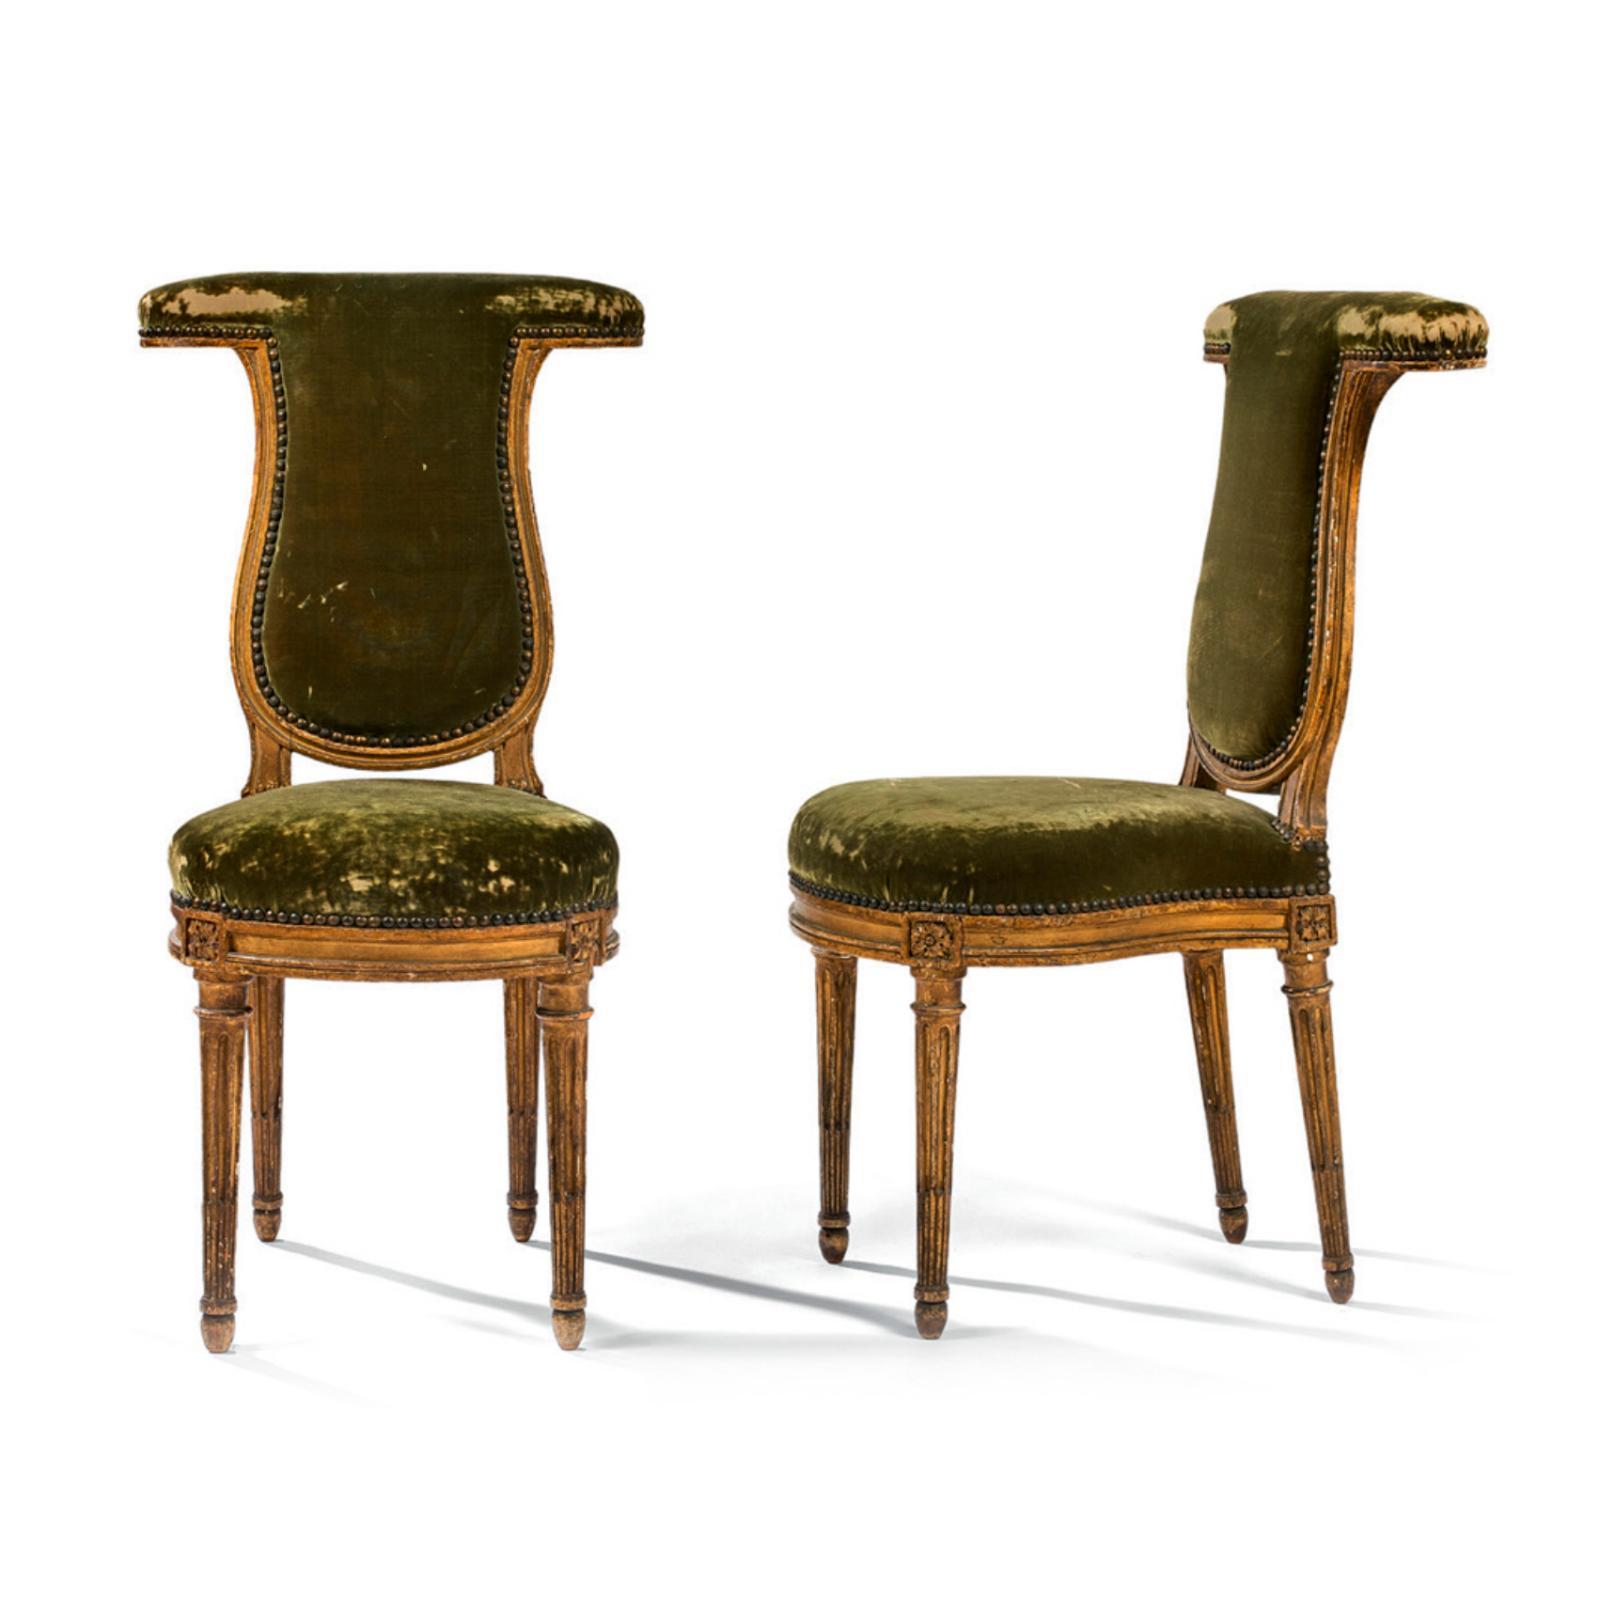 4431€ Époque LouisXVI, Henri Jacob (1753-1824), paire de chaises ponteuses en bois laqué or, assise en fer à cheval, pieds fuselés, 90